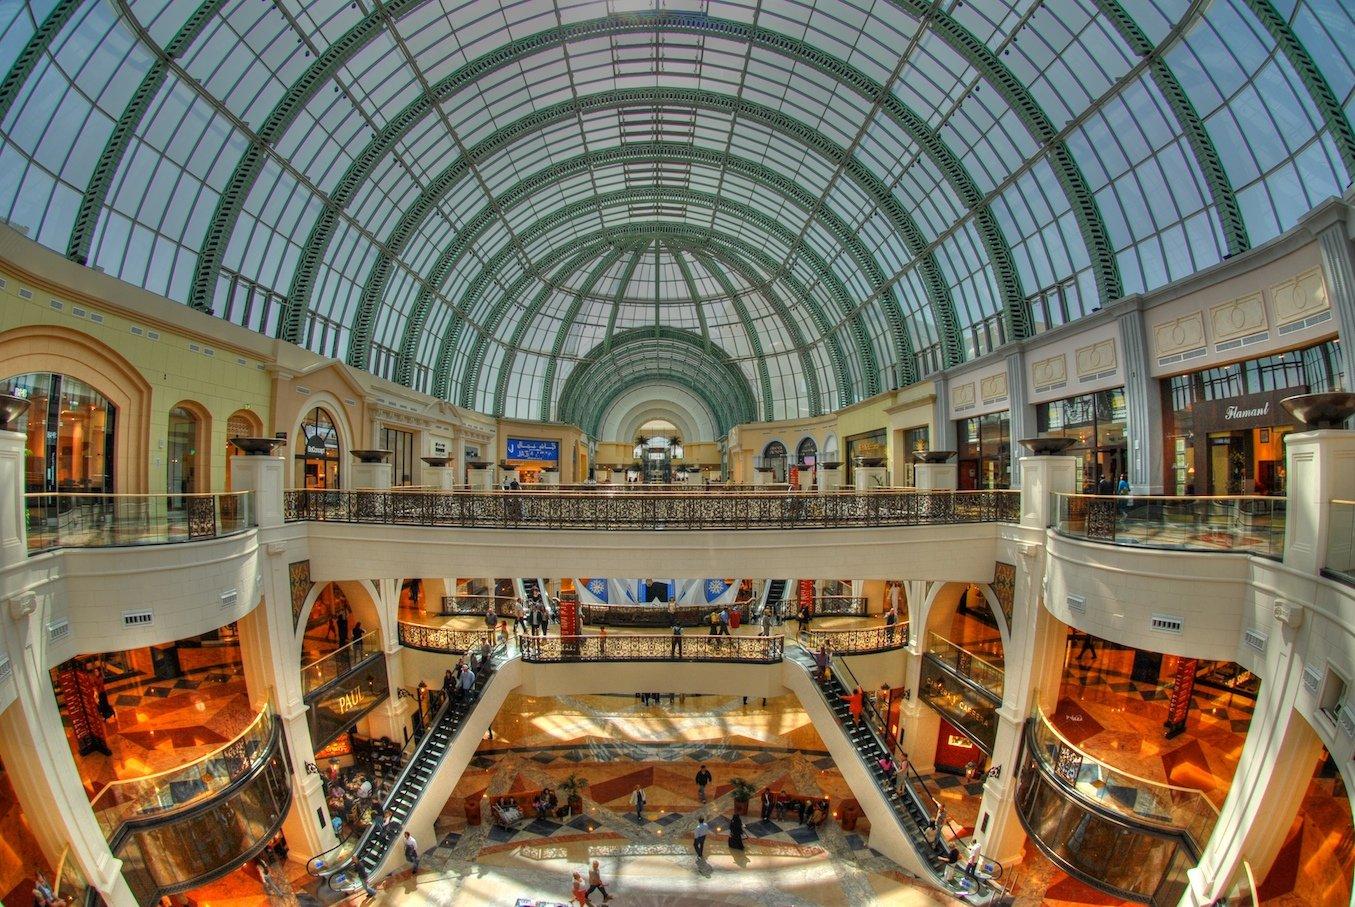 Торговый центр дубай эмирейтс средняя зарплата в дубае в 2017 году